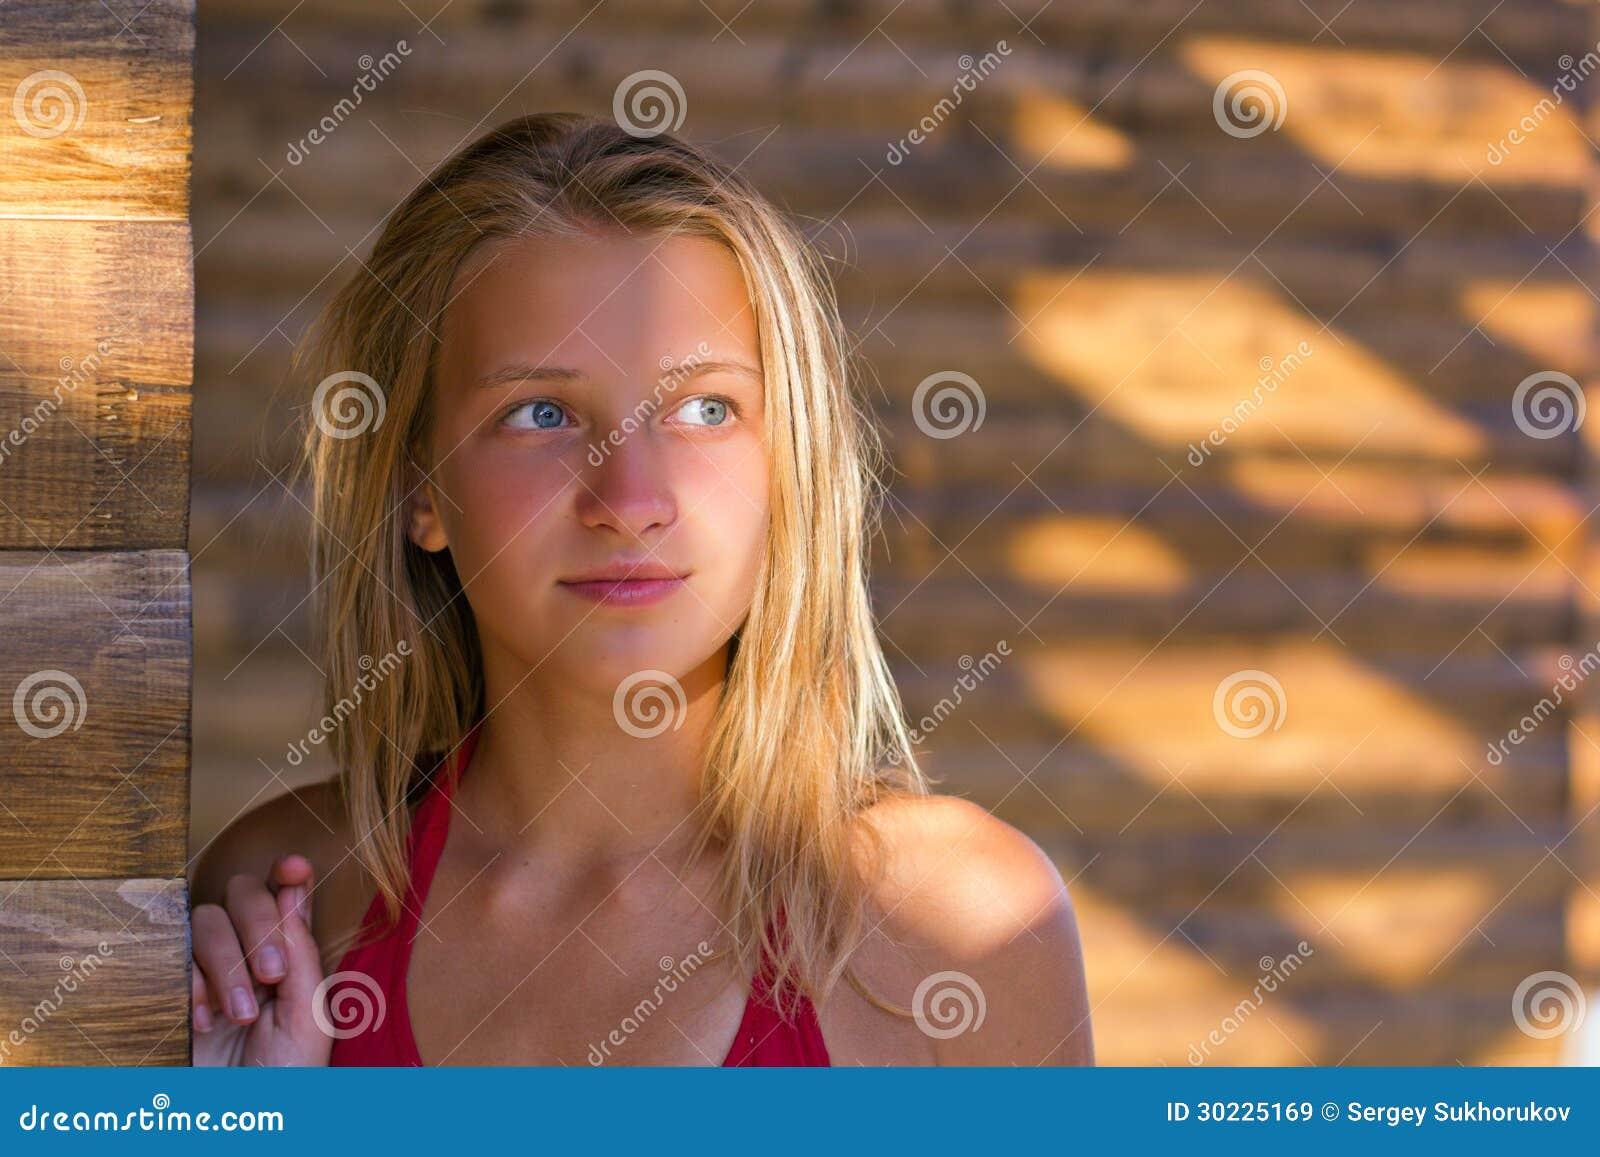 запретить юные девочки в модели крупным планом фото одно поверье, что